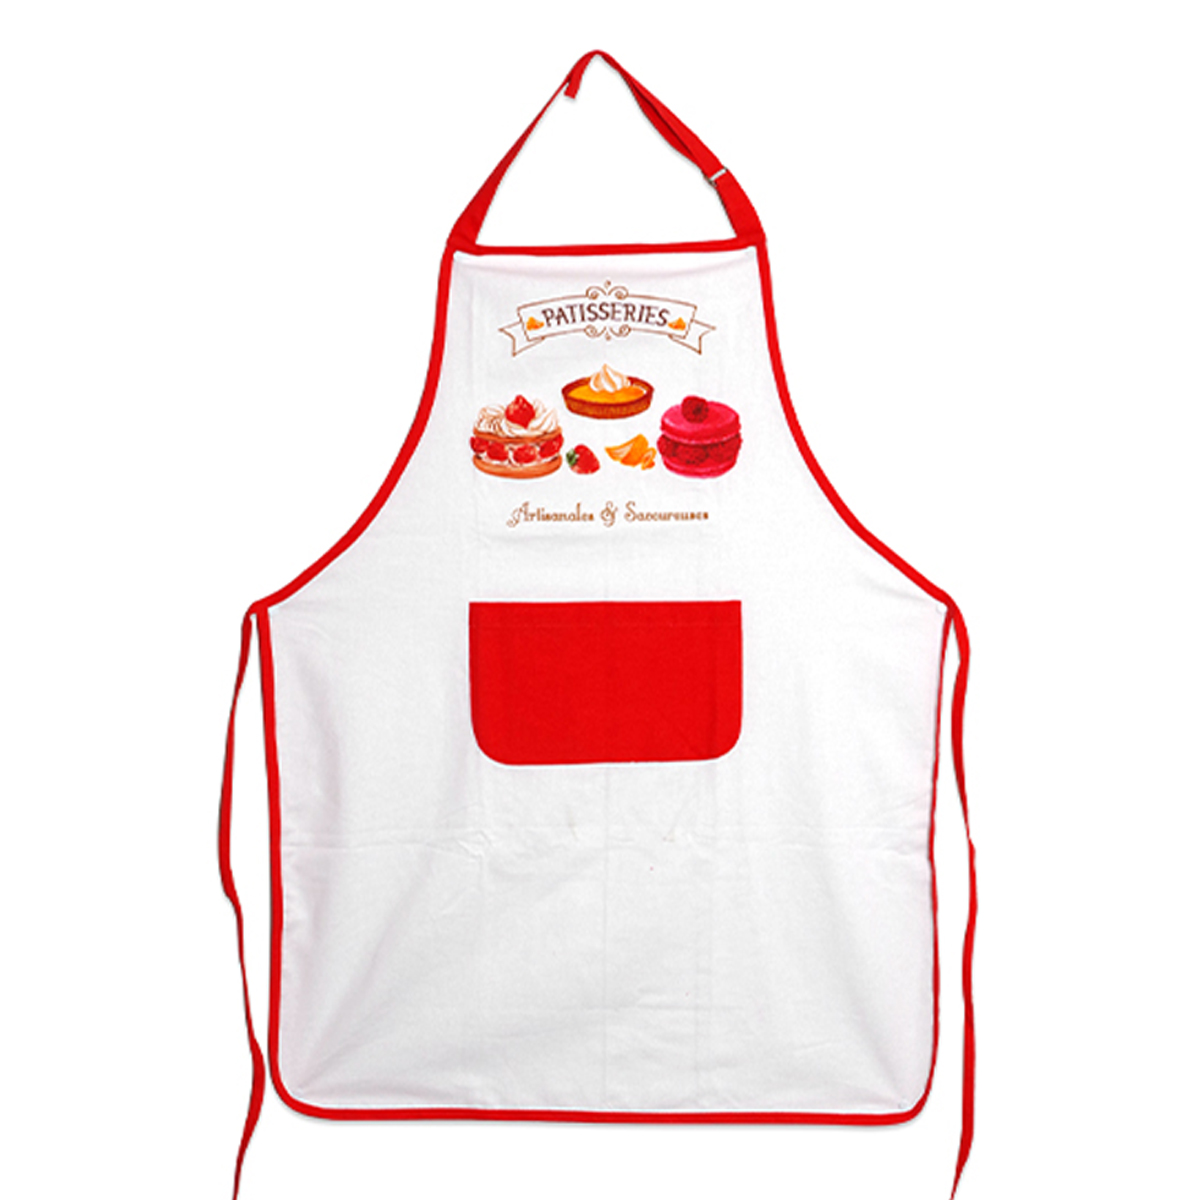 Tablier de cuisine coton \'Pâtisseries\' rouge blanc (Artisanales et Savoureuses) - 90x70 cm - [A2441]